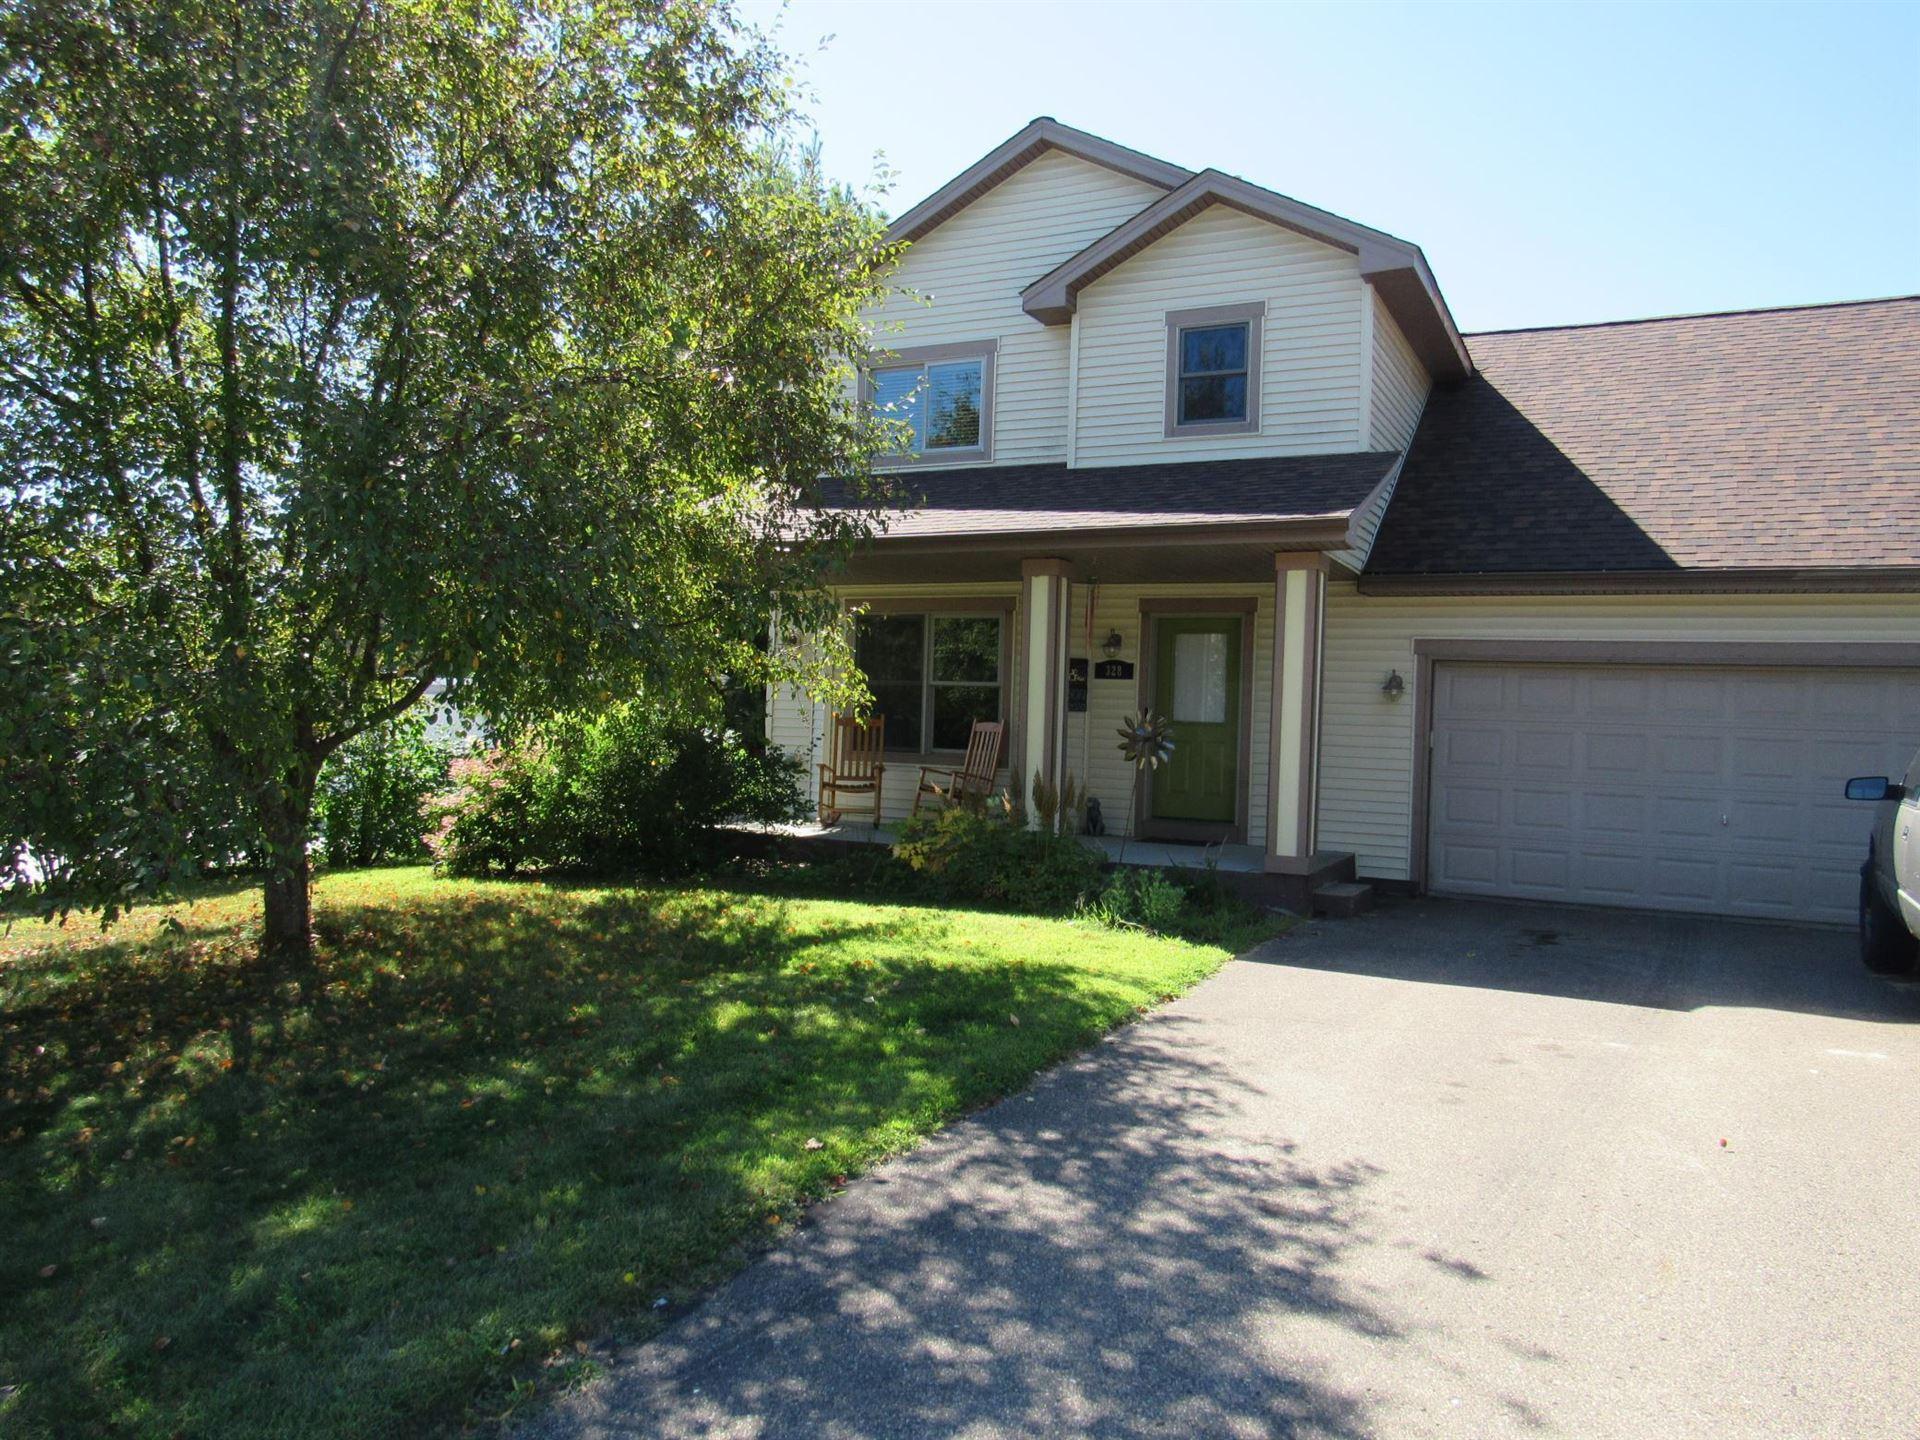 328 Blue Spruce Lane, Somerset, WI 54025 - MLS#: 5642152